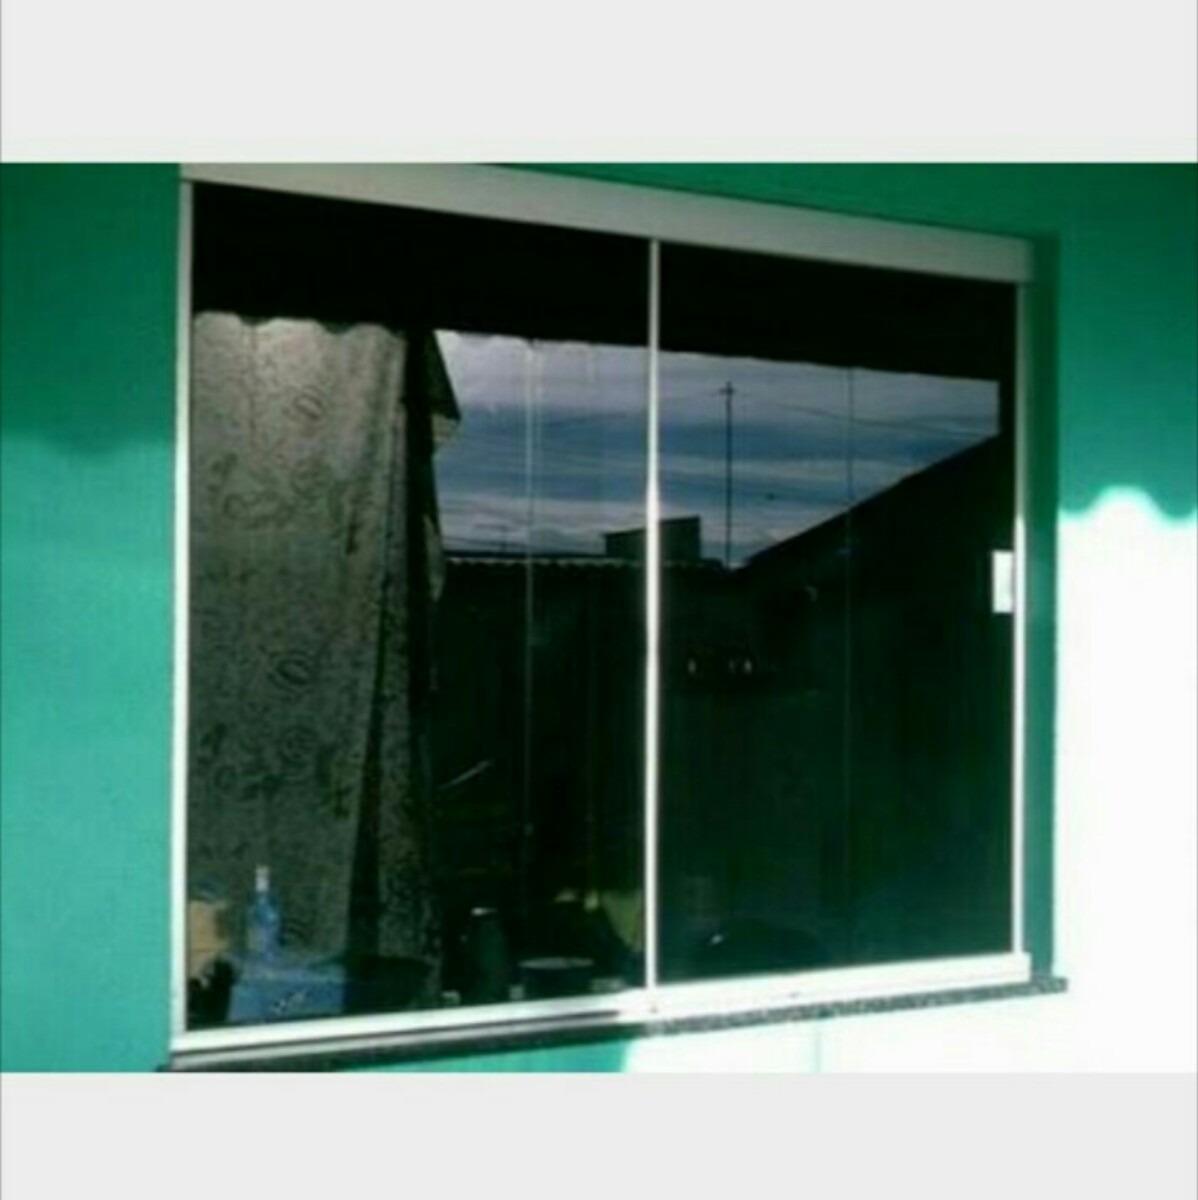 #0F5E41 Janela De Vidro Temperado R$ 280 00 no MercadoLivre 256 Janelas De Vidro Preços Fortaleza